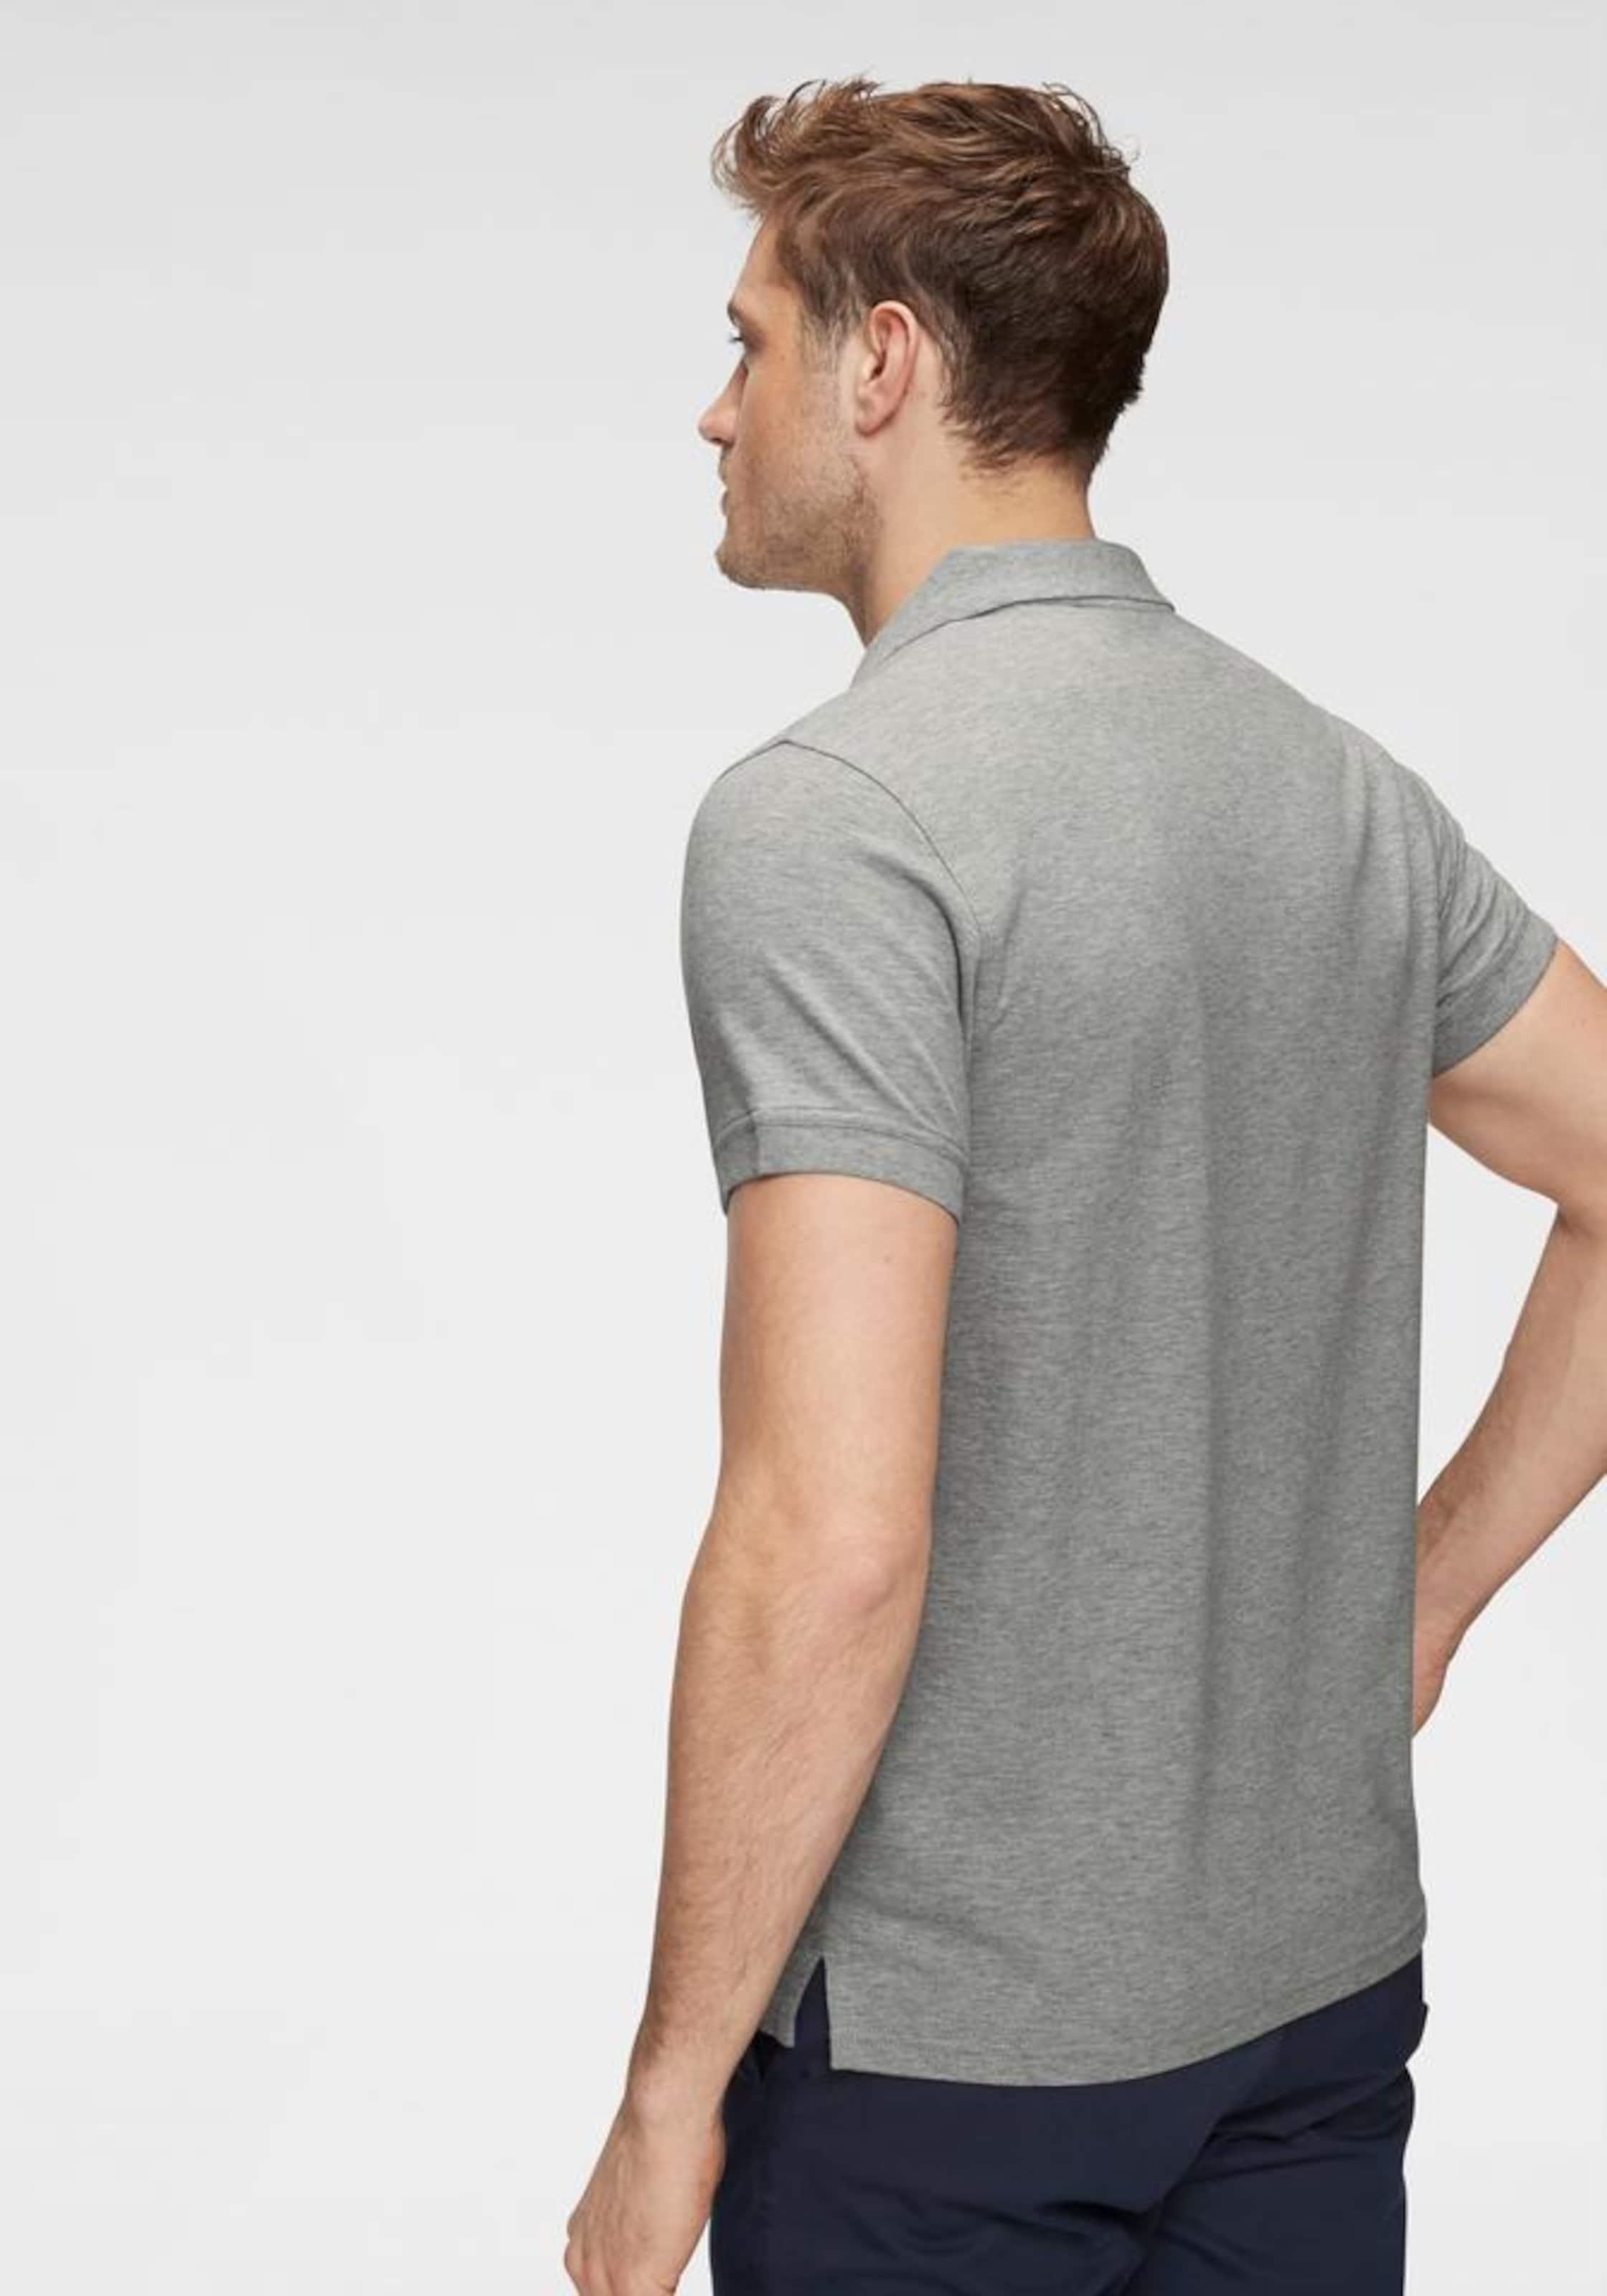 Poloshirt Poloshirt Gant Poloshirt Graumeliert In Gant Gant In Graumeliert nPNXwk0O8Z